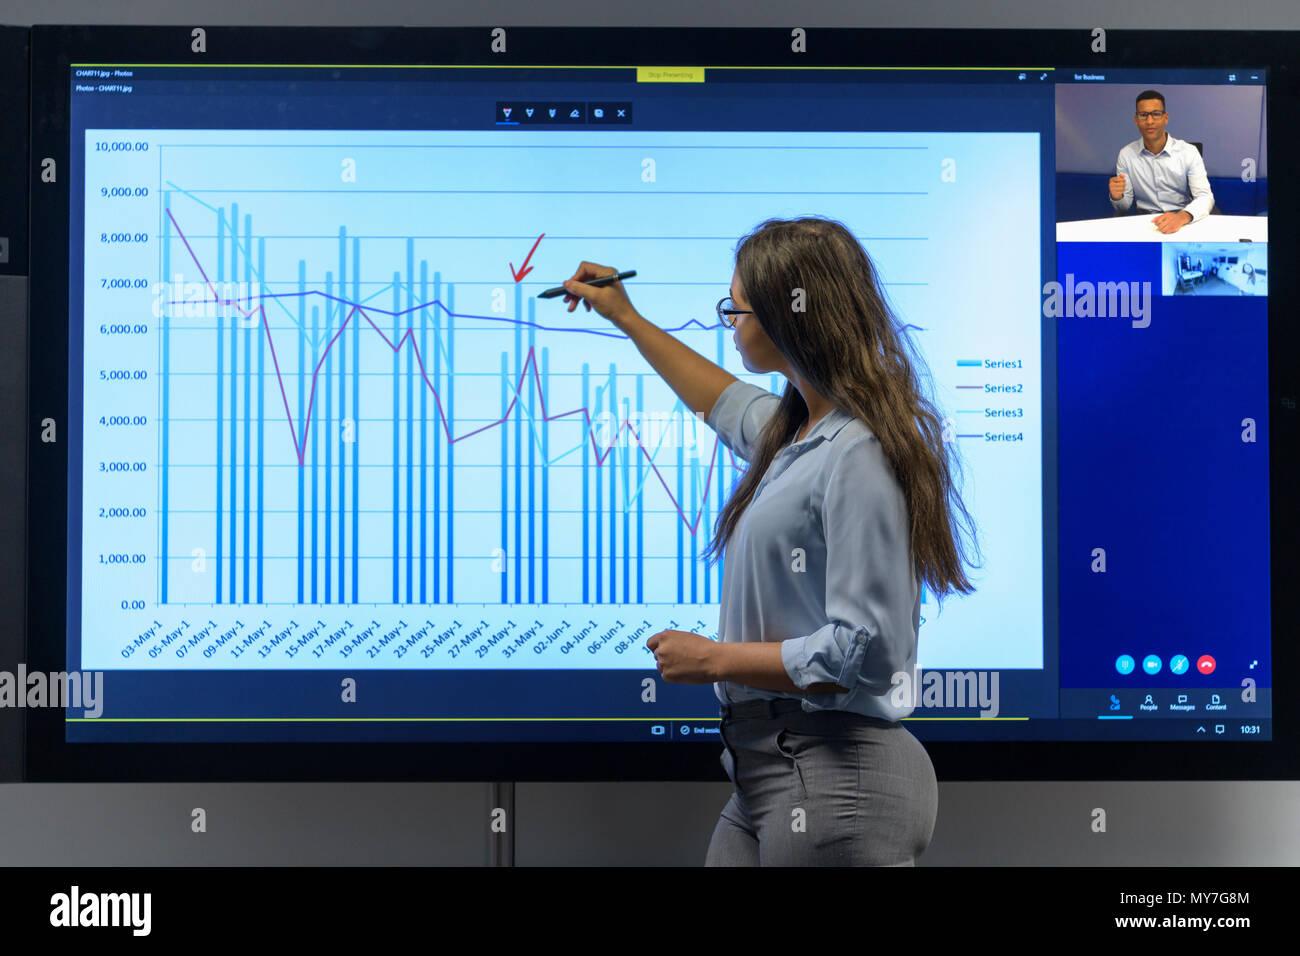 Donna sul disegno grafico nella riunione di affari con video conferenza Immagini Stock